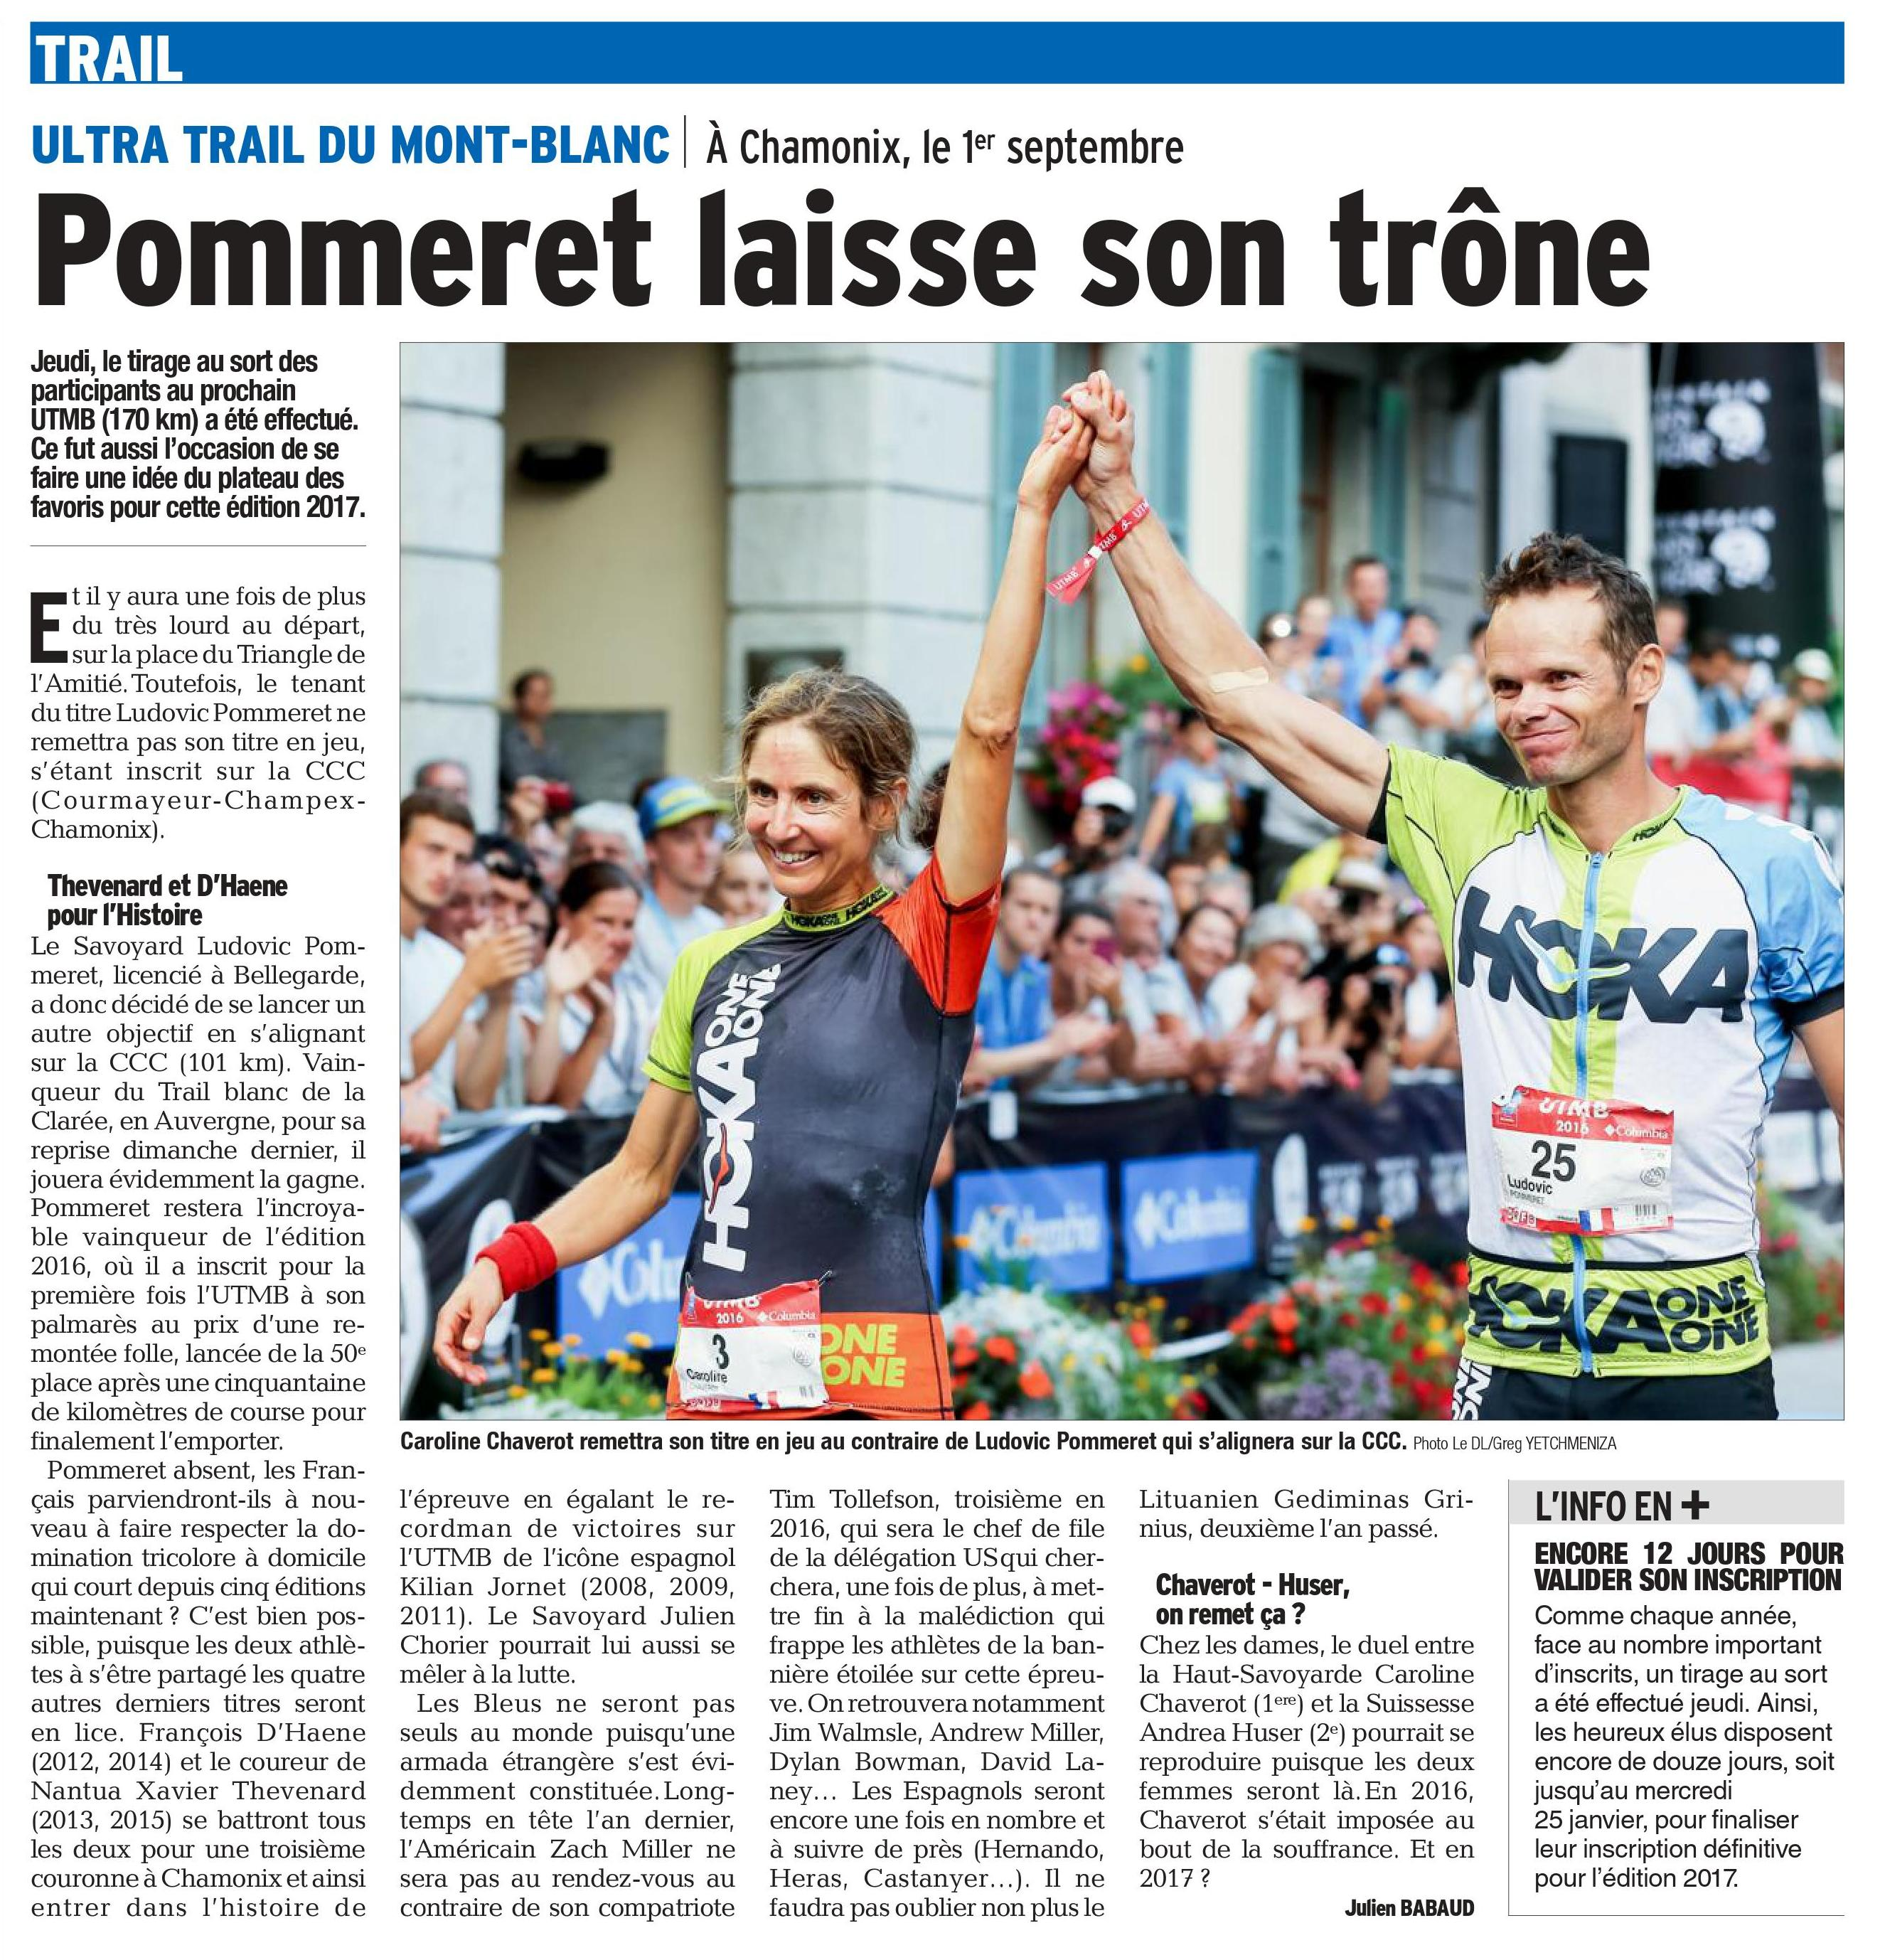 0001 - UTMB 2017 : l'article du Dauphiné libéré du 14-01-2017